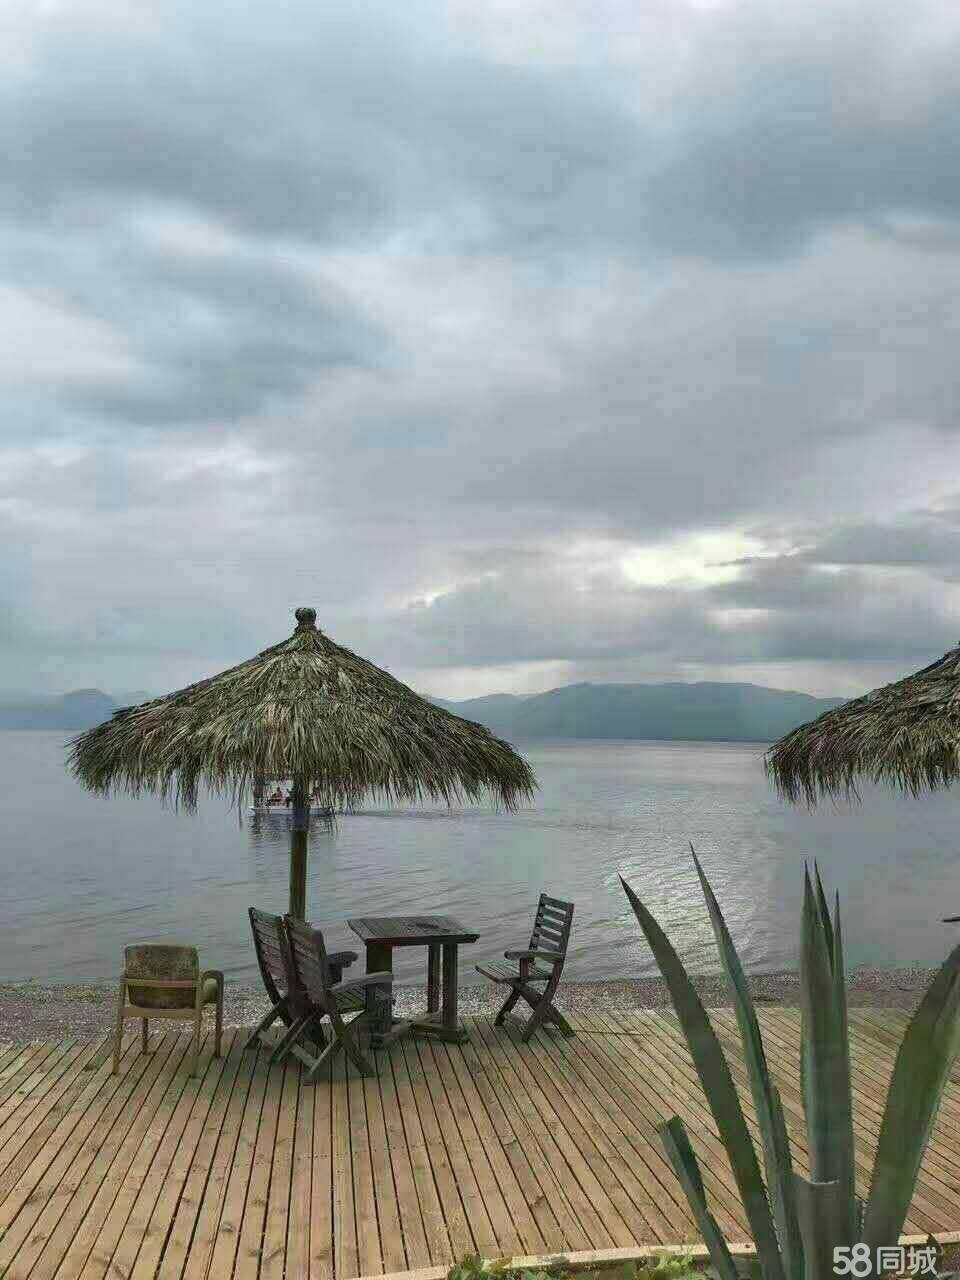 澳门拉斯维加斯网址抚仙湖一手豪装湖景现房限量发售即买即收益